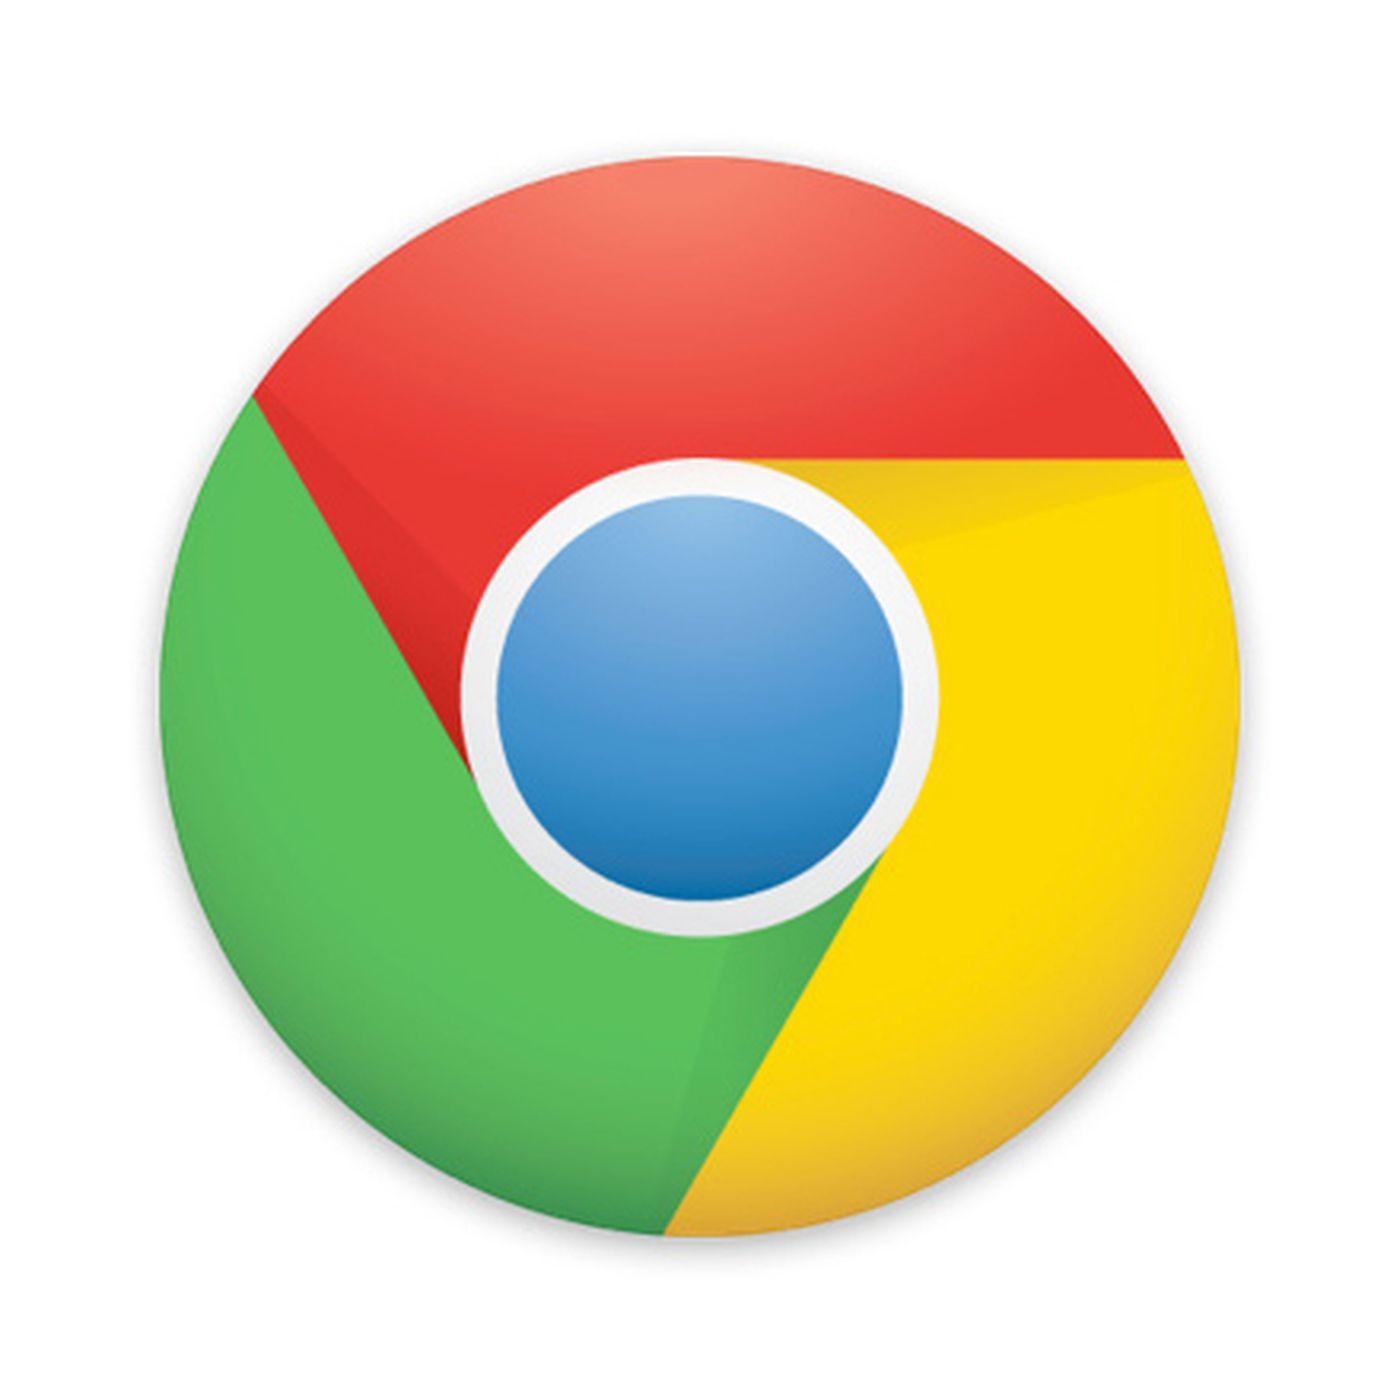 Google Chrome's logo